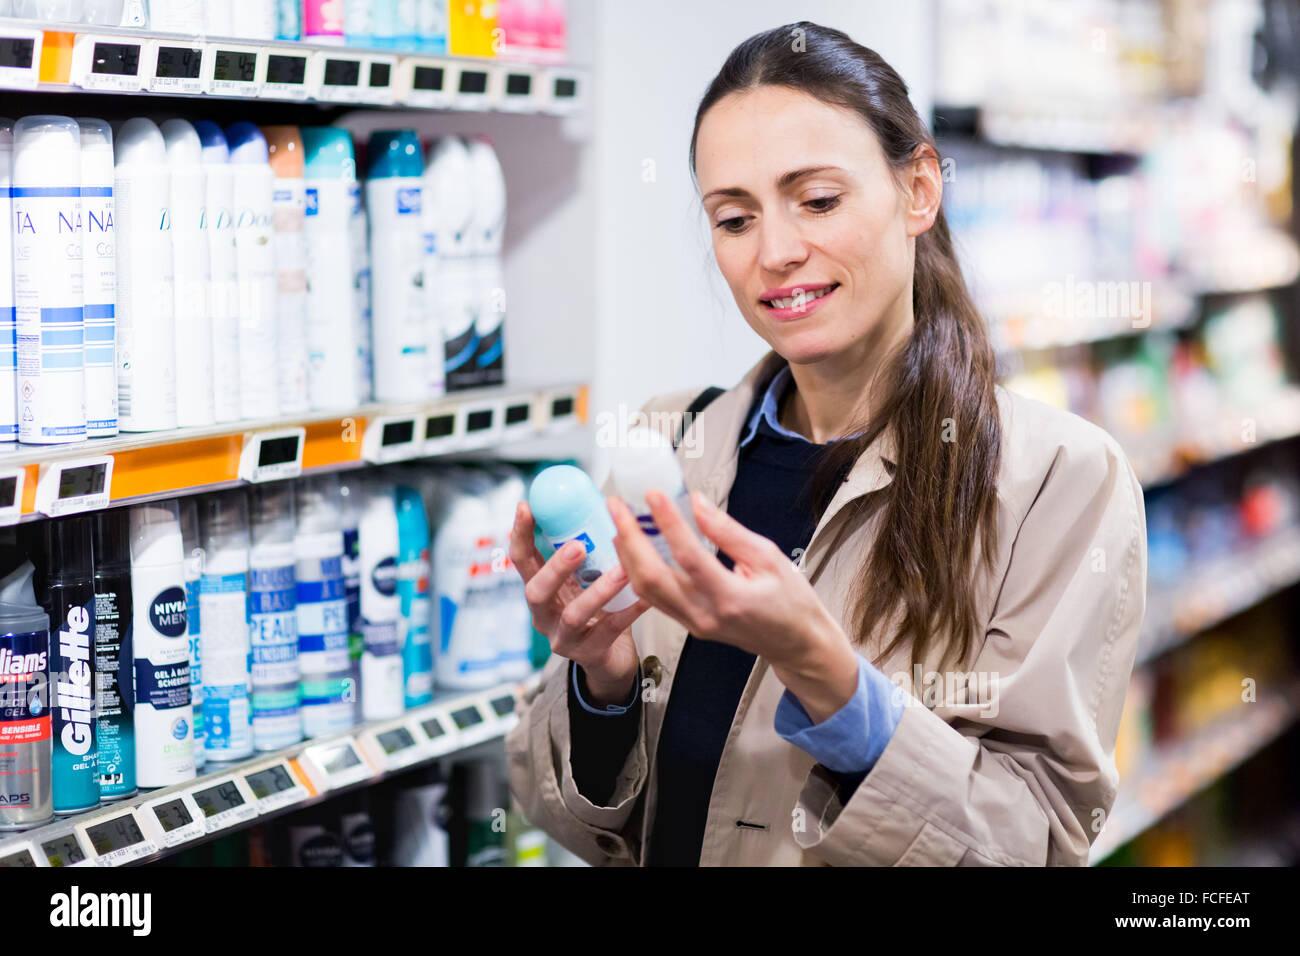 Mujer de compras en la sección de cuidado corporal en el supermercado. Imagen De Stock